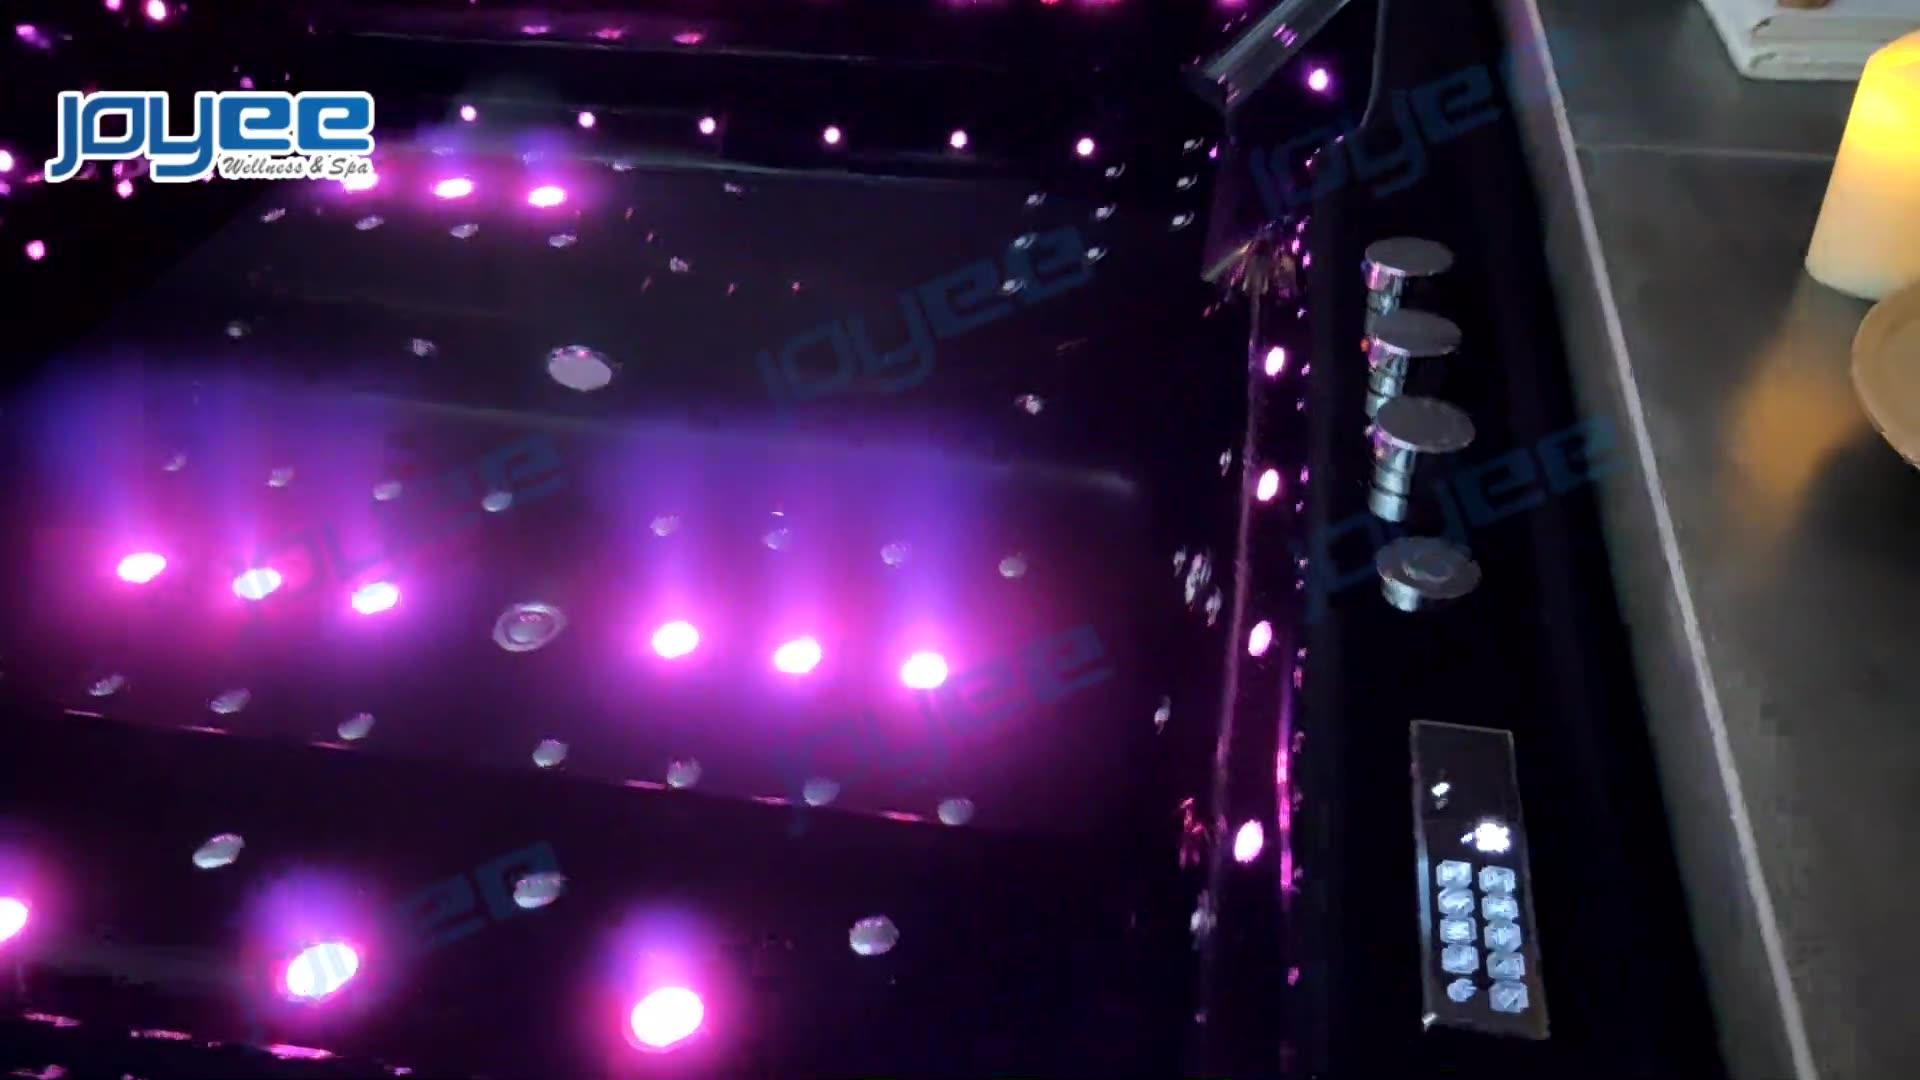 Черная акриловая ванна JOYEE/Гидромассажная ванна/современная роскошная гидромассажная Ванна большого размера на 2 и 3 человек, гидромассажная Ванна, массажная ванна с сиденьем